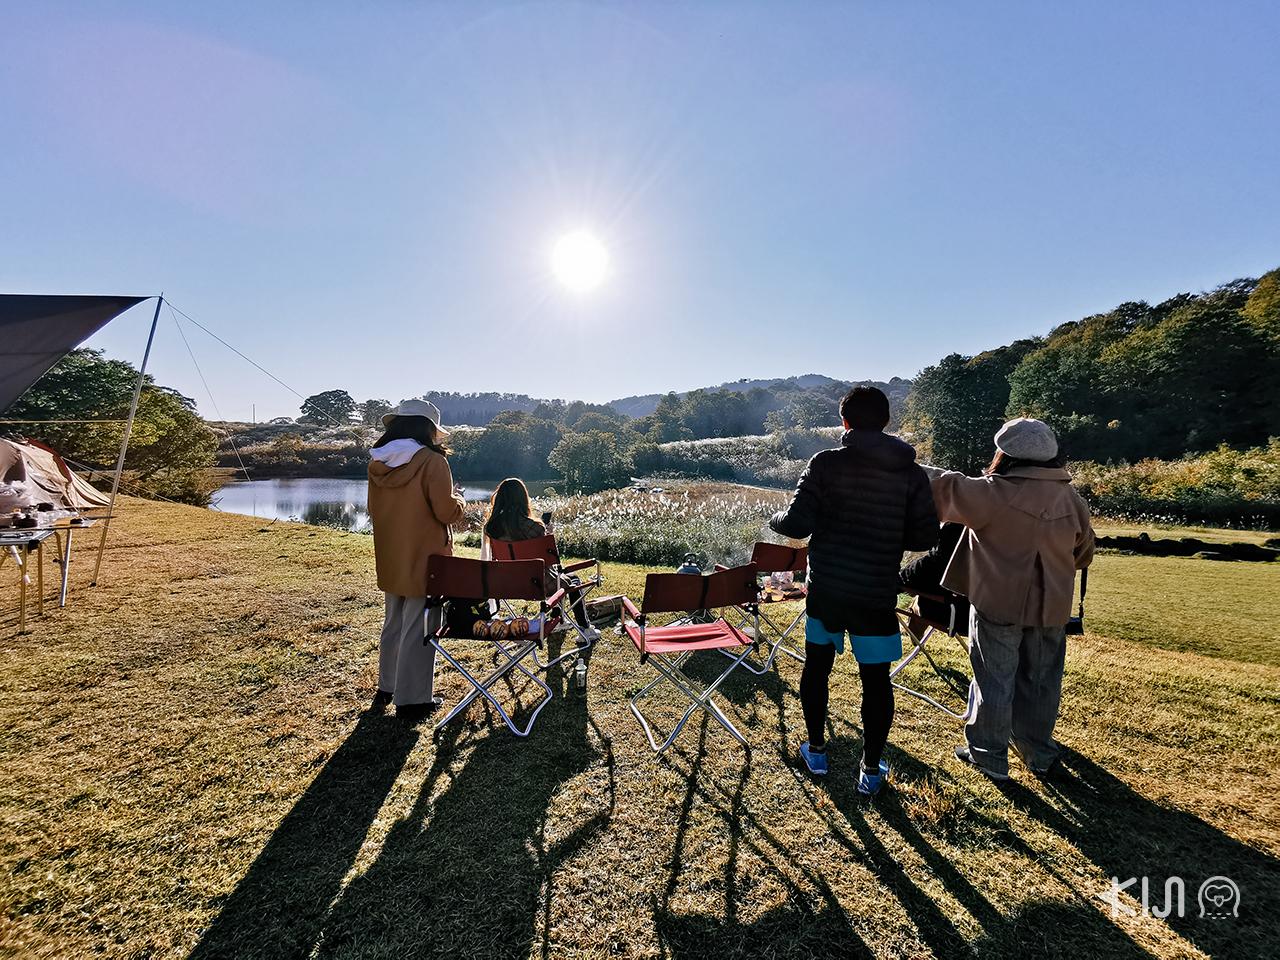 ชมวิวพระอาทิตย์ตกยามเย็นที่ไดกอนจิ โคเก็นแห่งเมืองโทคามาจิ